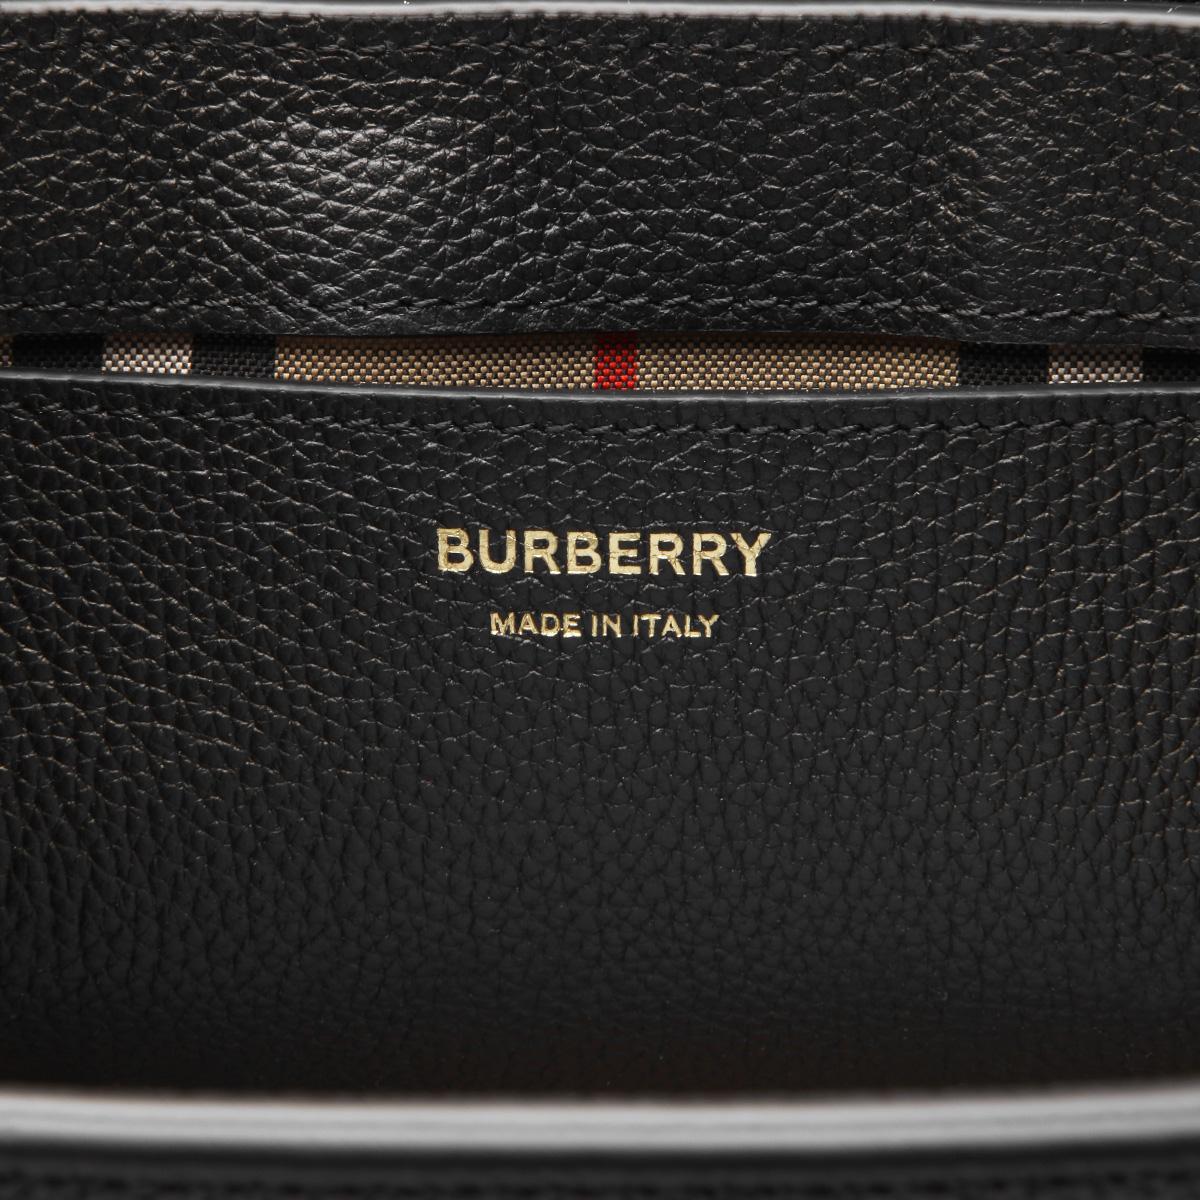 BURBERRY バーバリー | ショルダーバッグ | NOTE ノート